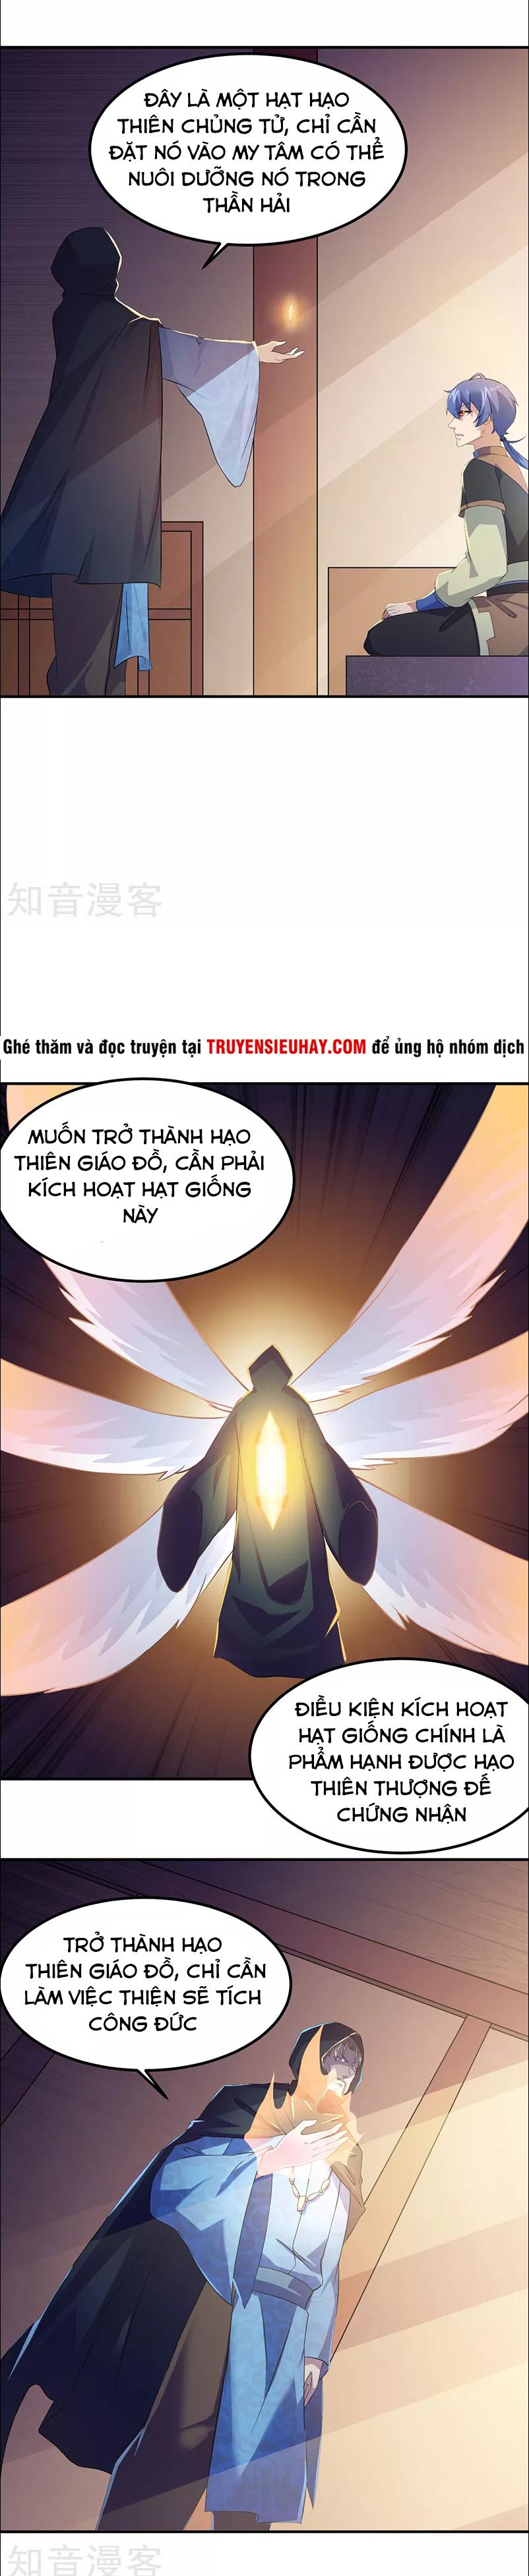 Võ Đạo Độc Tôn: Chapter 51